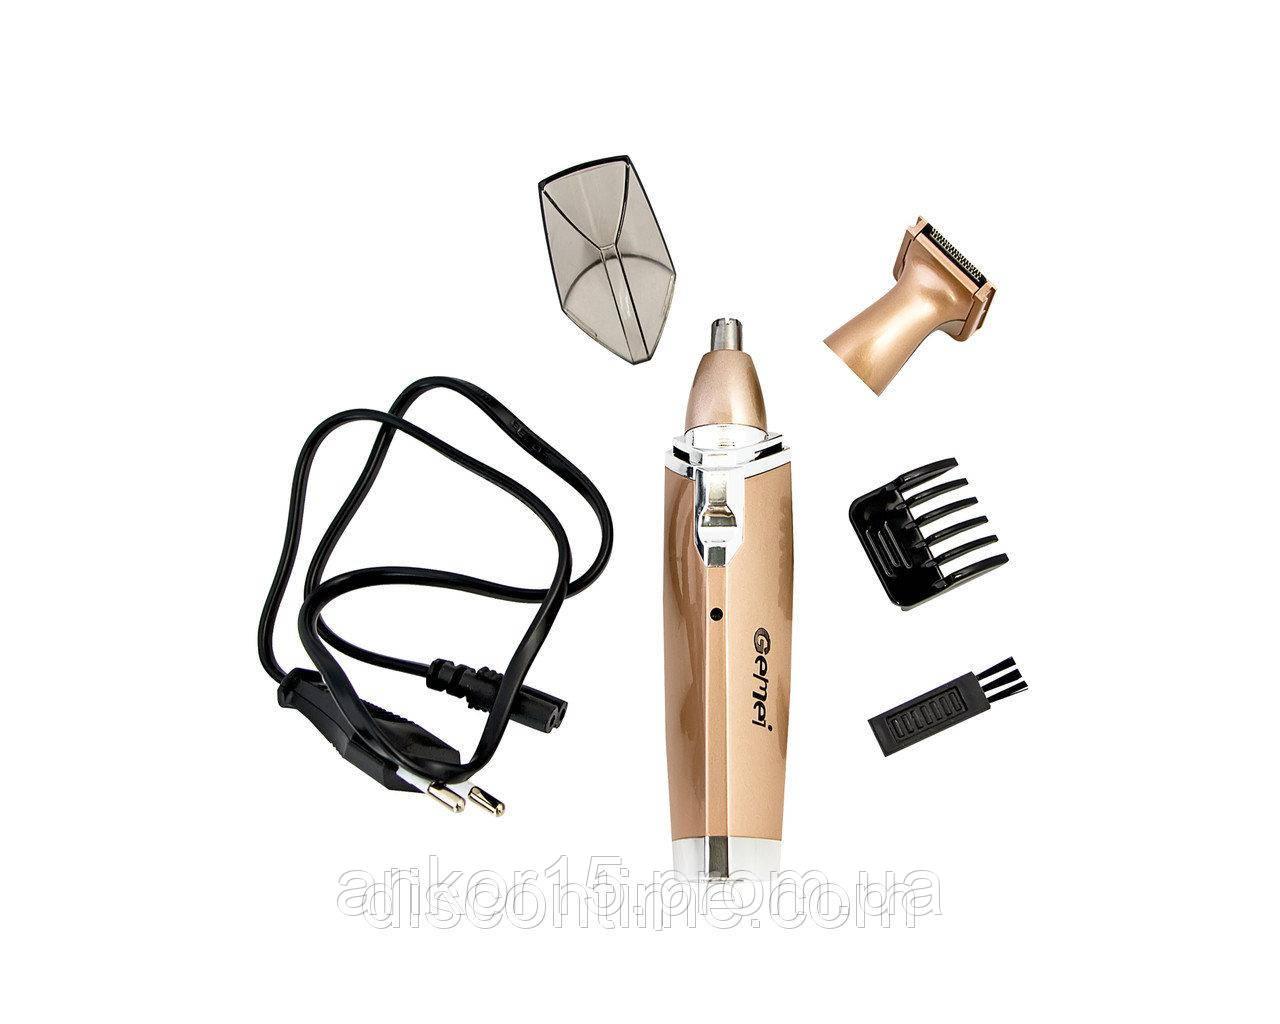 Триммер Gemei GM-3110 для носа и ушей